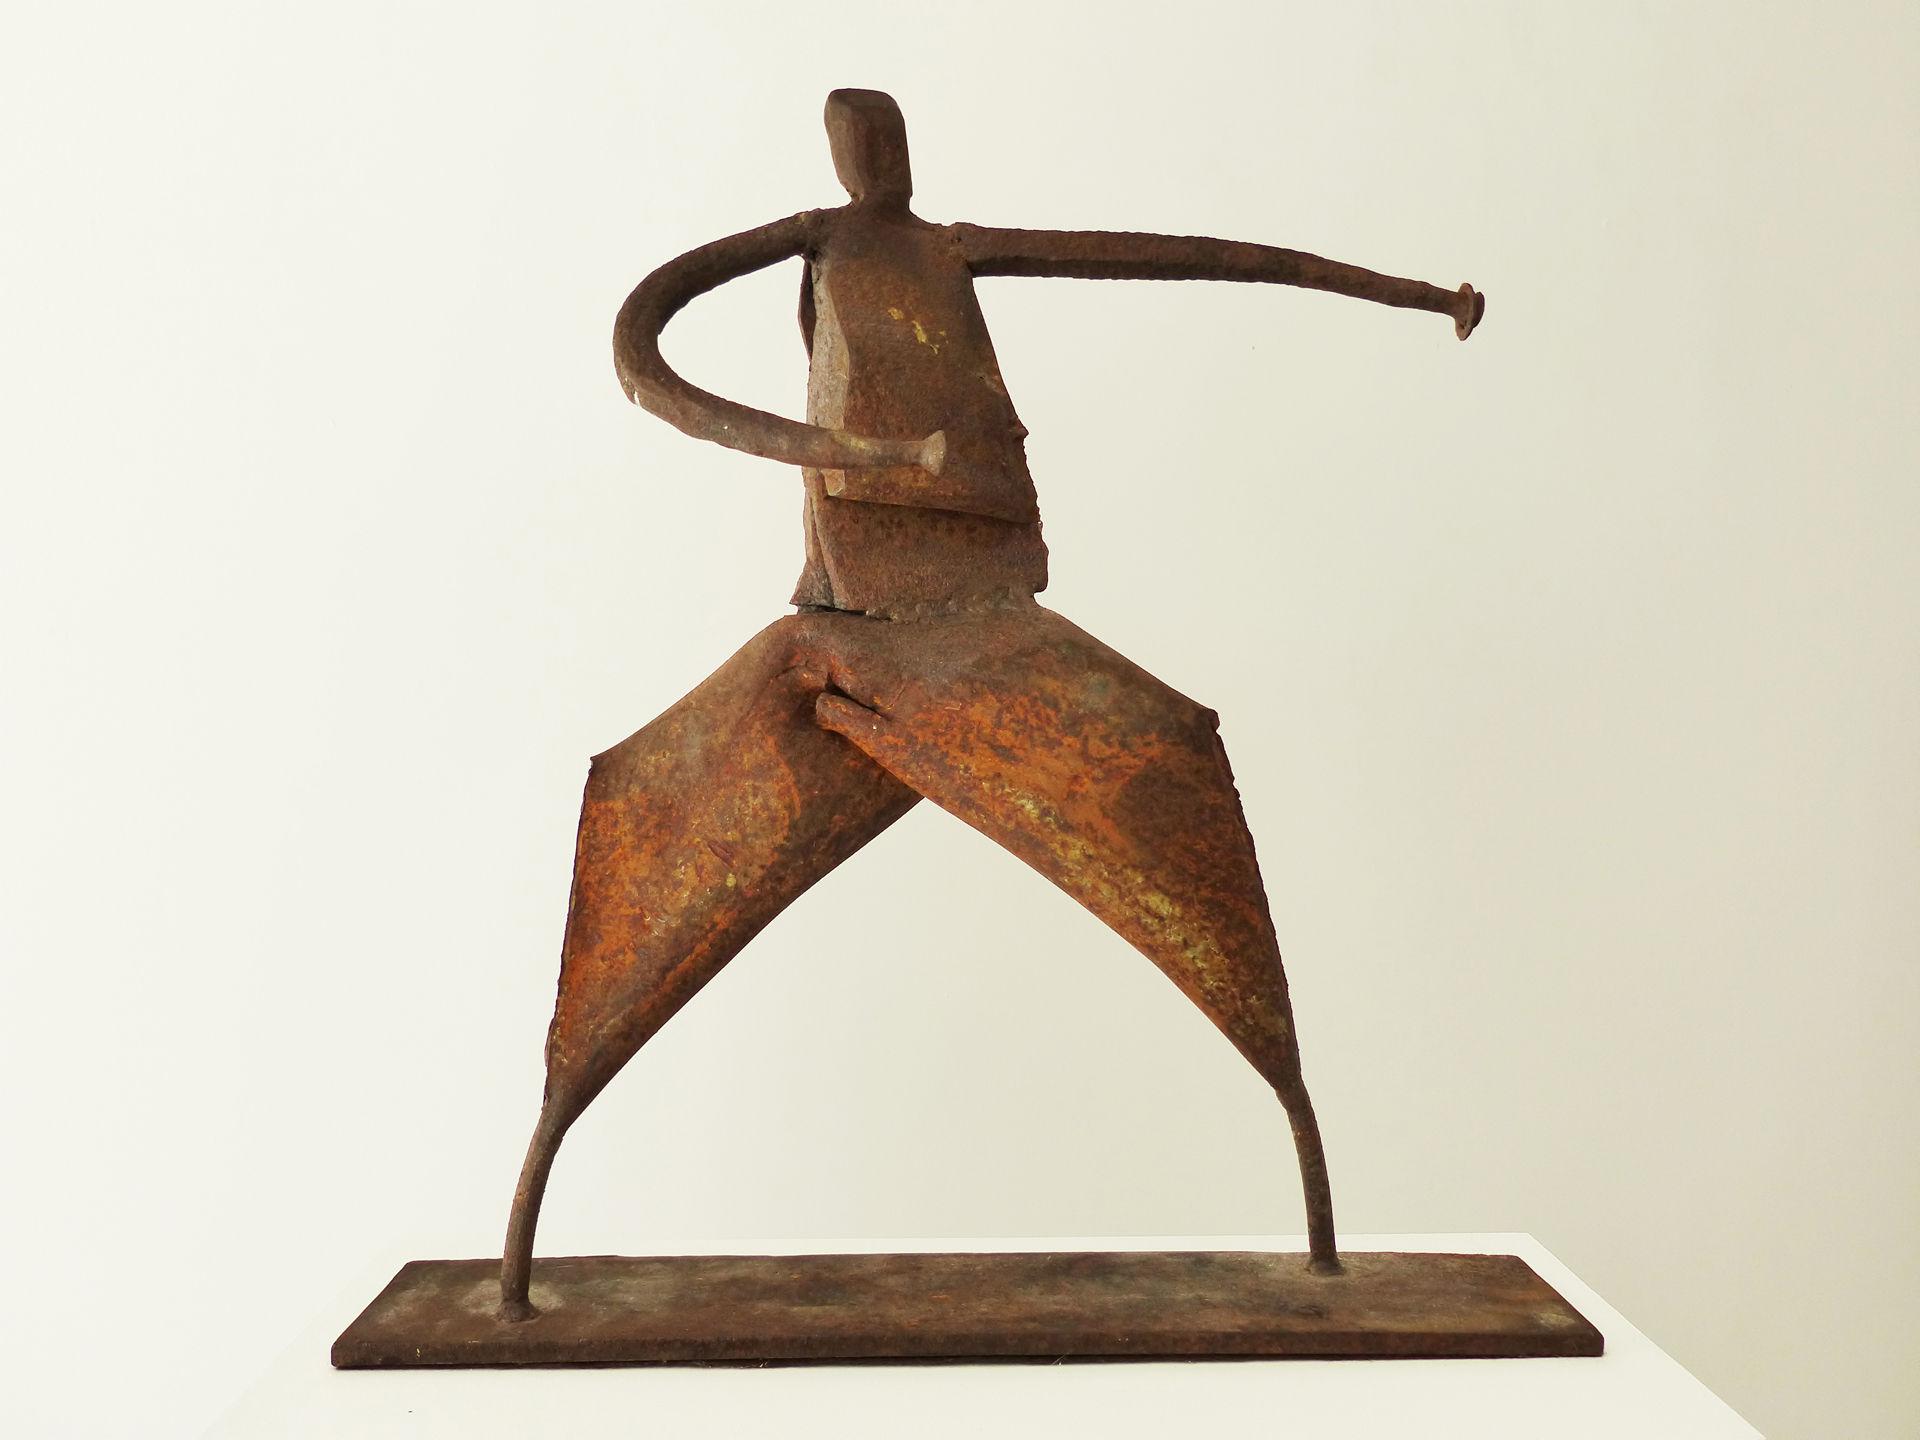 Die Kämpferin   warrioress  2007  Stahlschrott, geschweißt   scrapmetal, welded  38x38x8 cm  verkauft   sold